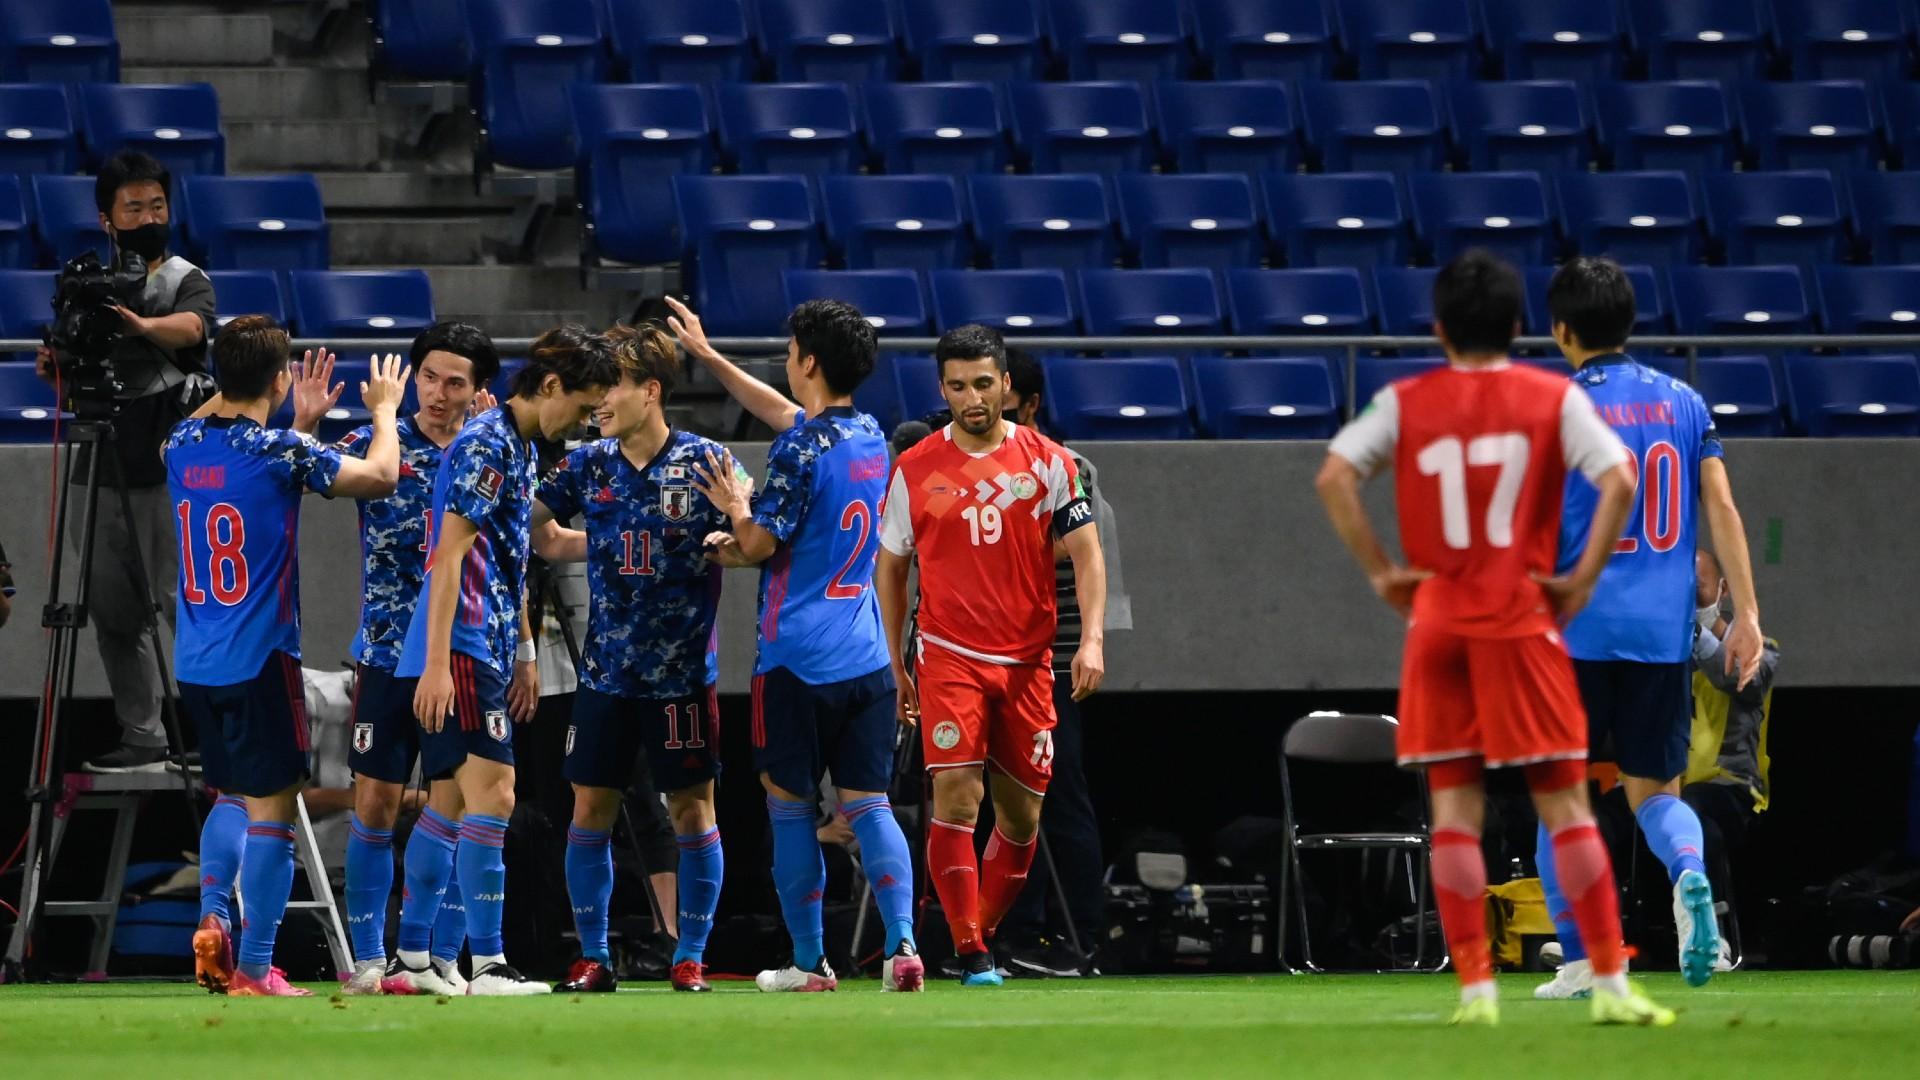 【きょうのスポーツ】アジア2次予選初失点も、南野拓実の7試合連続ゴールなどでタジキスタンに快勝|サッカー日本代表